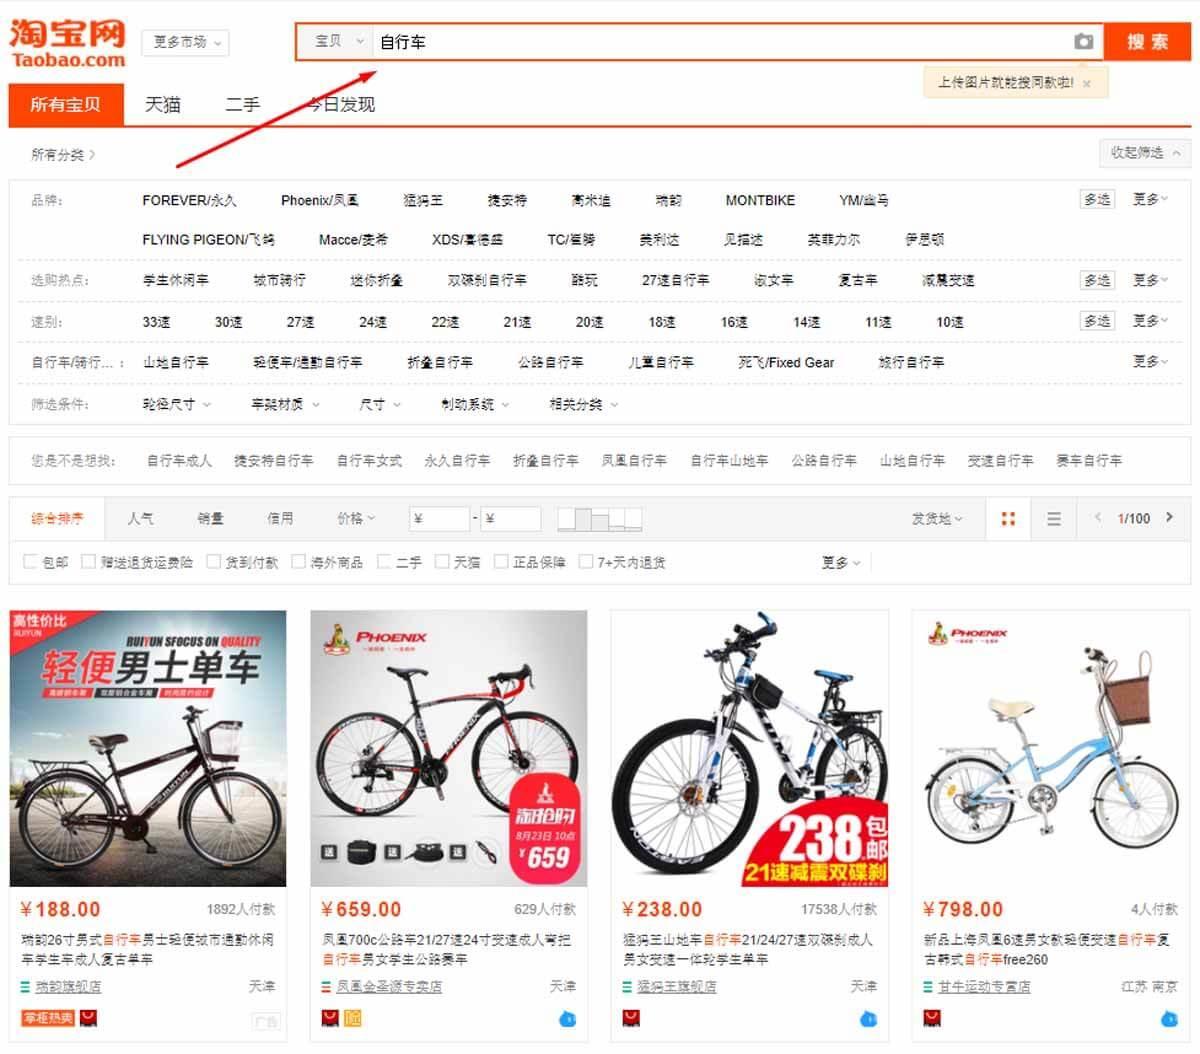 tìm kiếm sản phẩm bằng từ khóa trên taobao